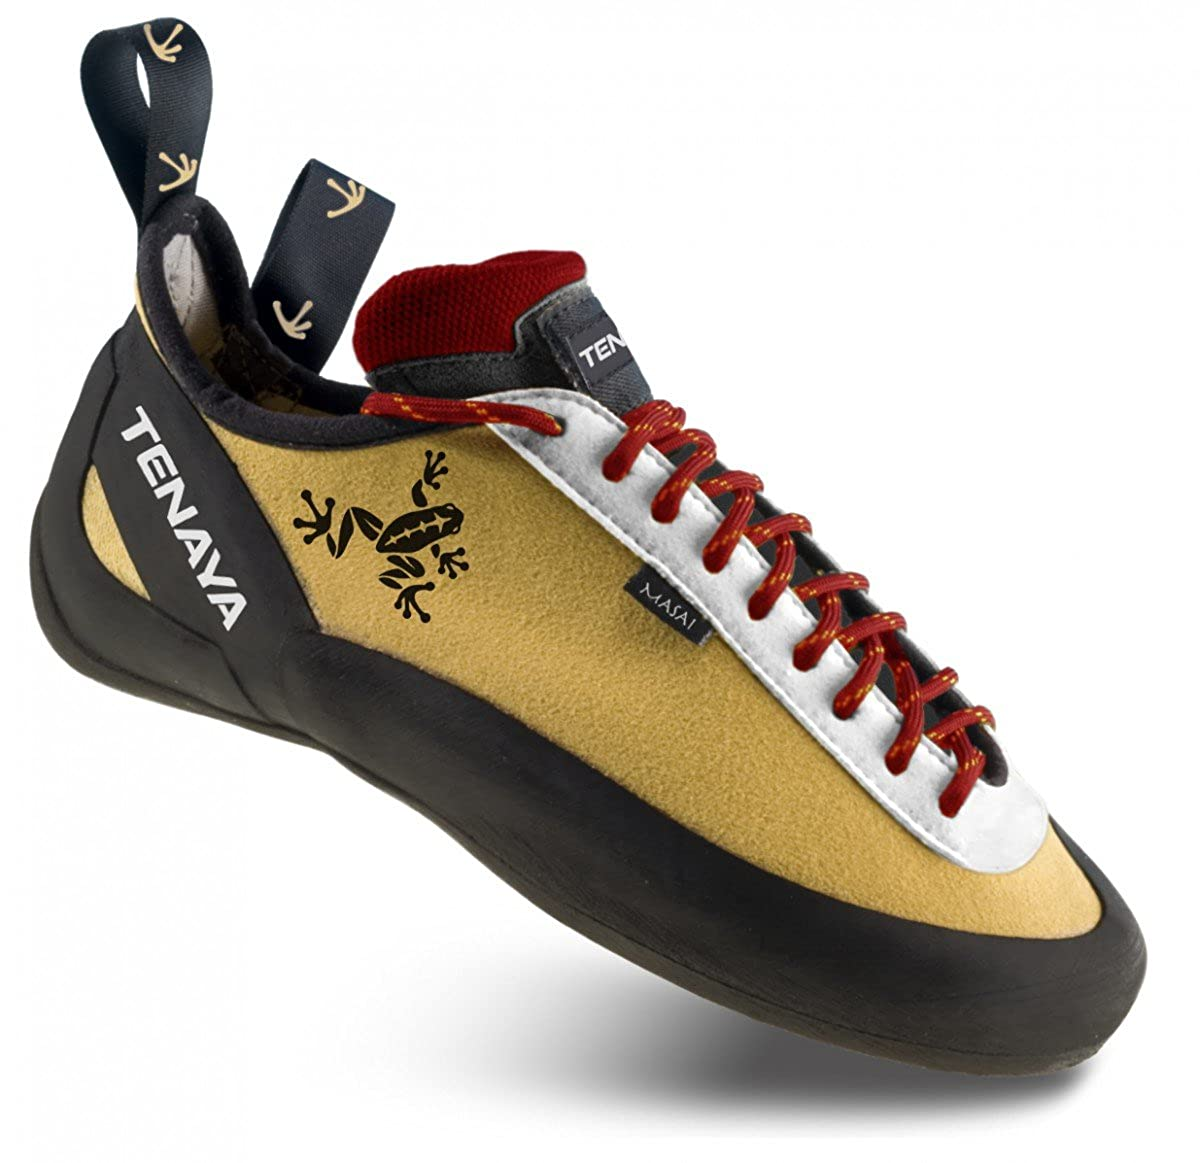 Tenaya Masai Masai Masai Kletterschuhe Mostaza UK1 B01N07R0A7  60c06f